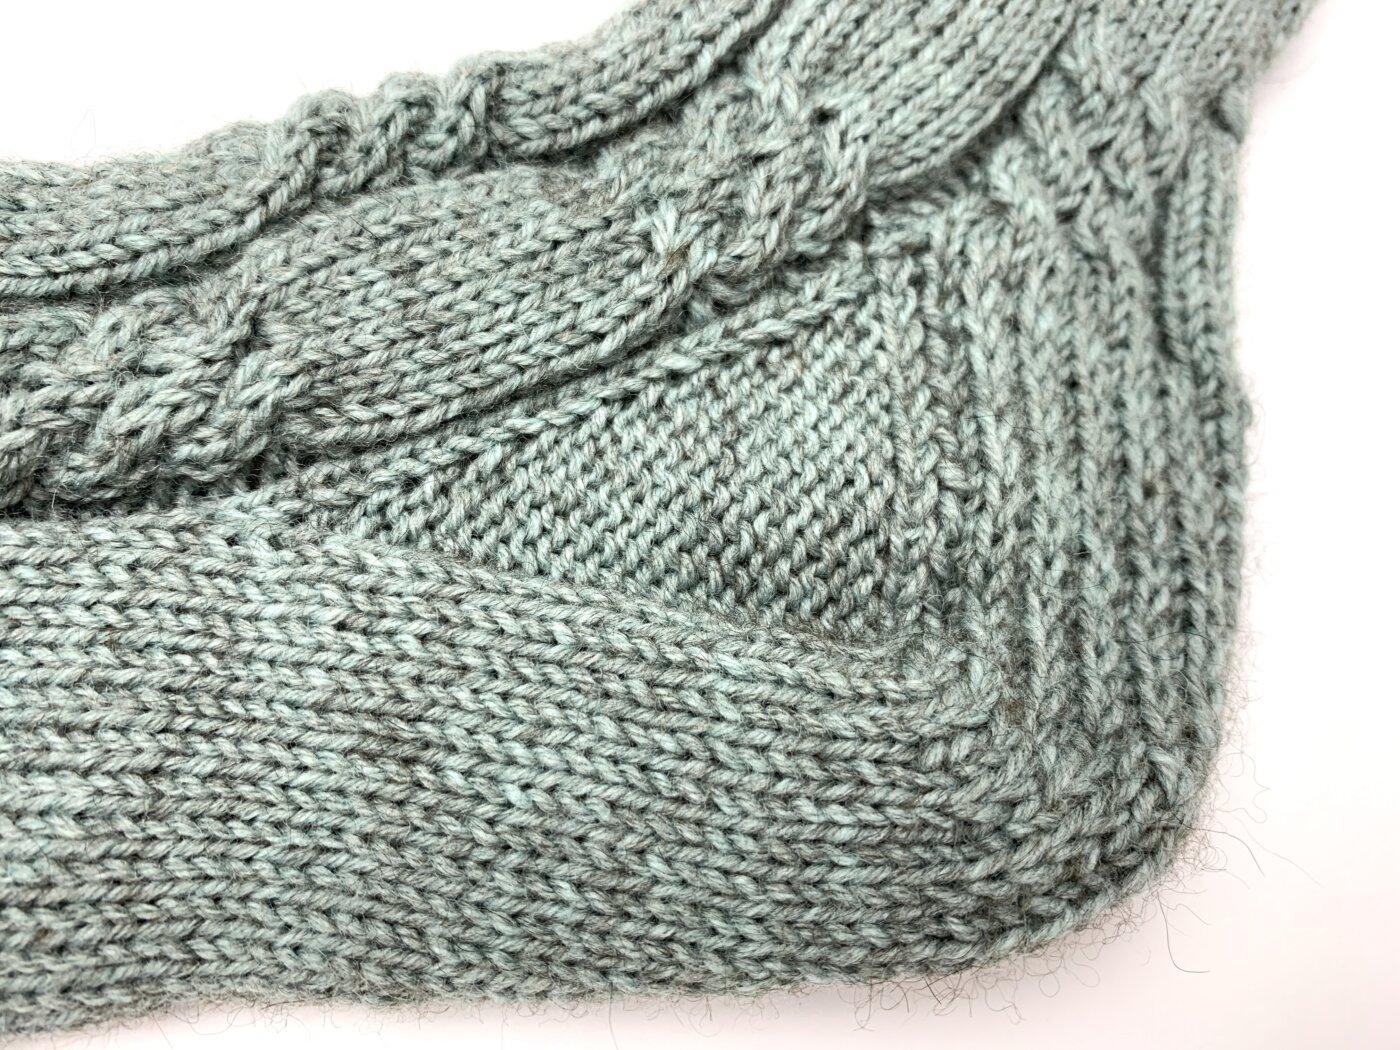 Toe Up Socken stricken - Die Ferse der LovisSocks